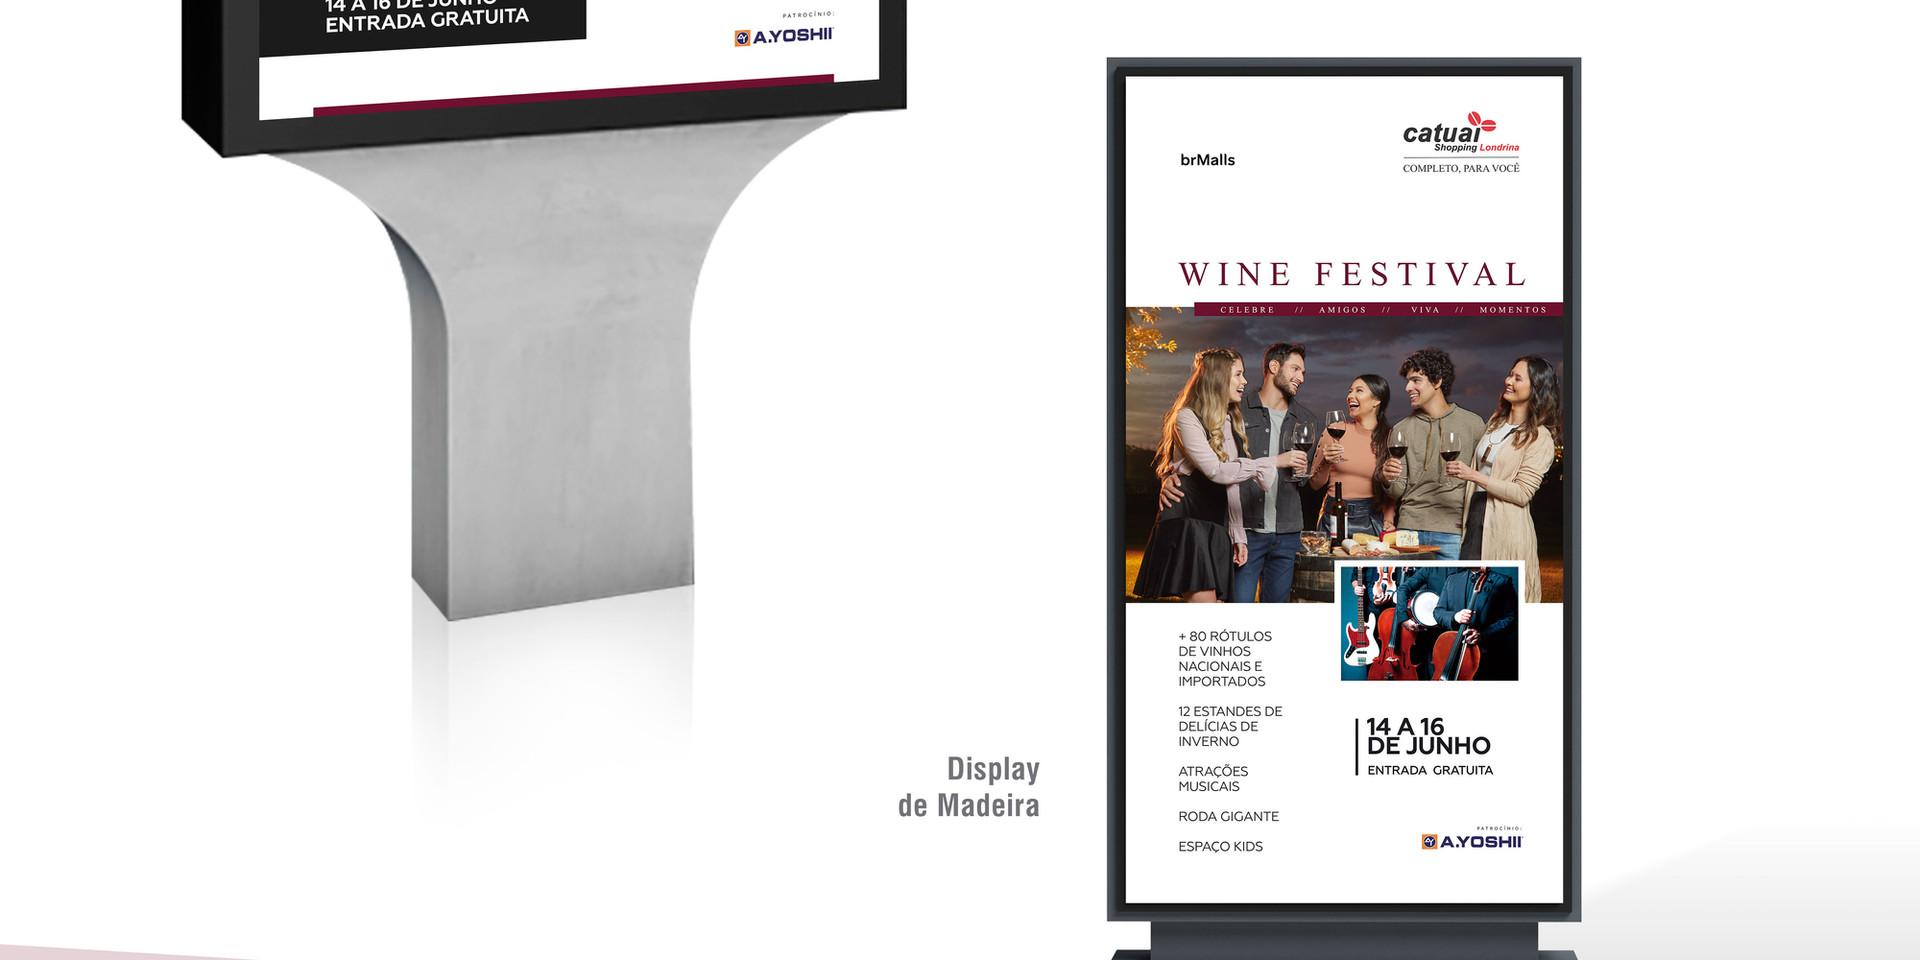 grid_portifolio_wine7.jpg